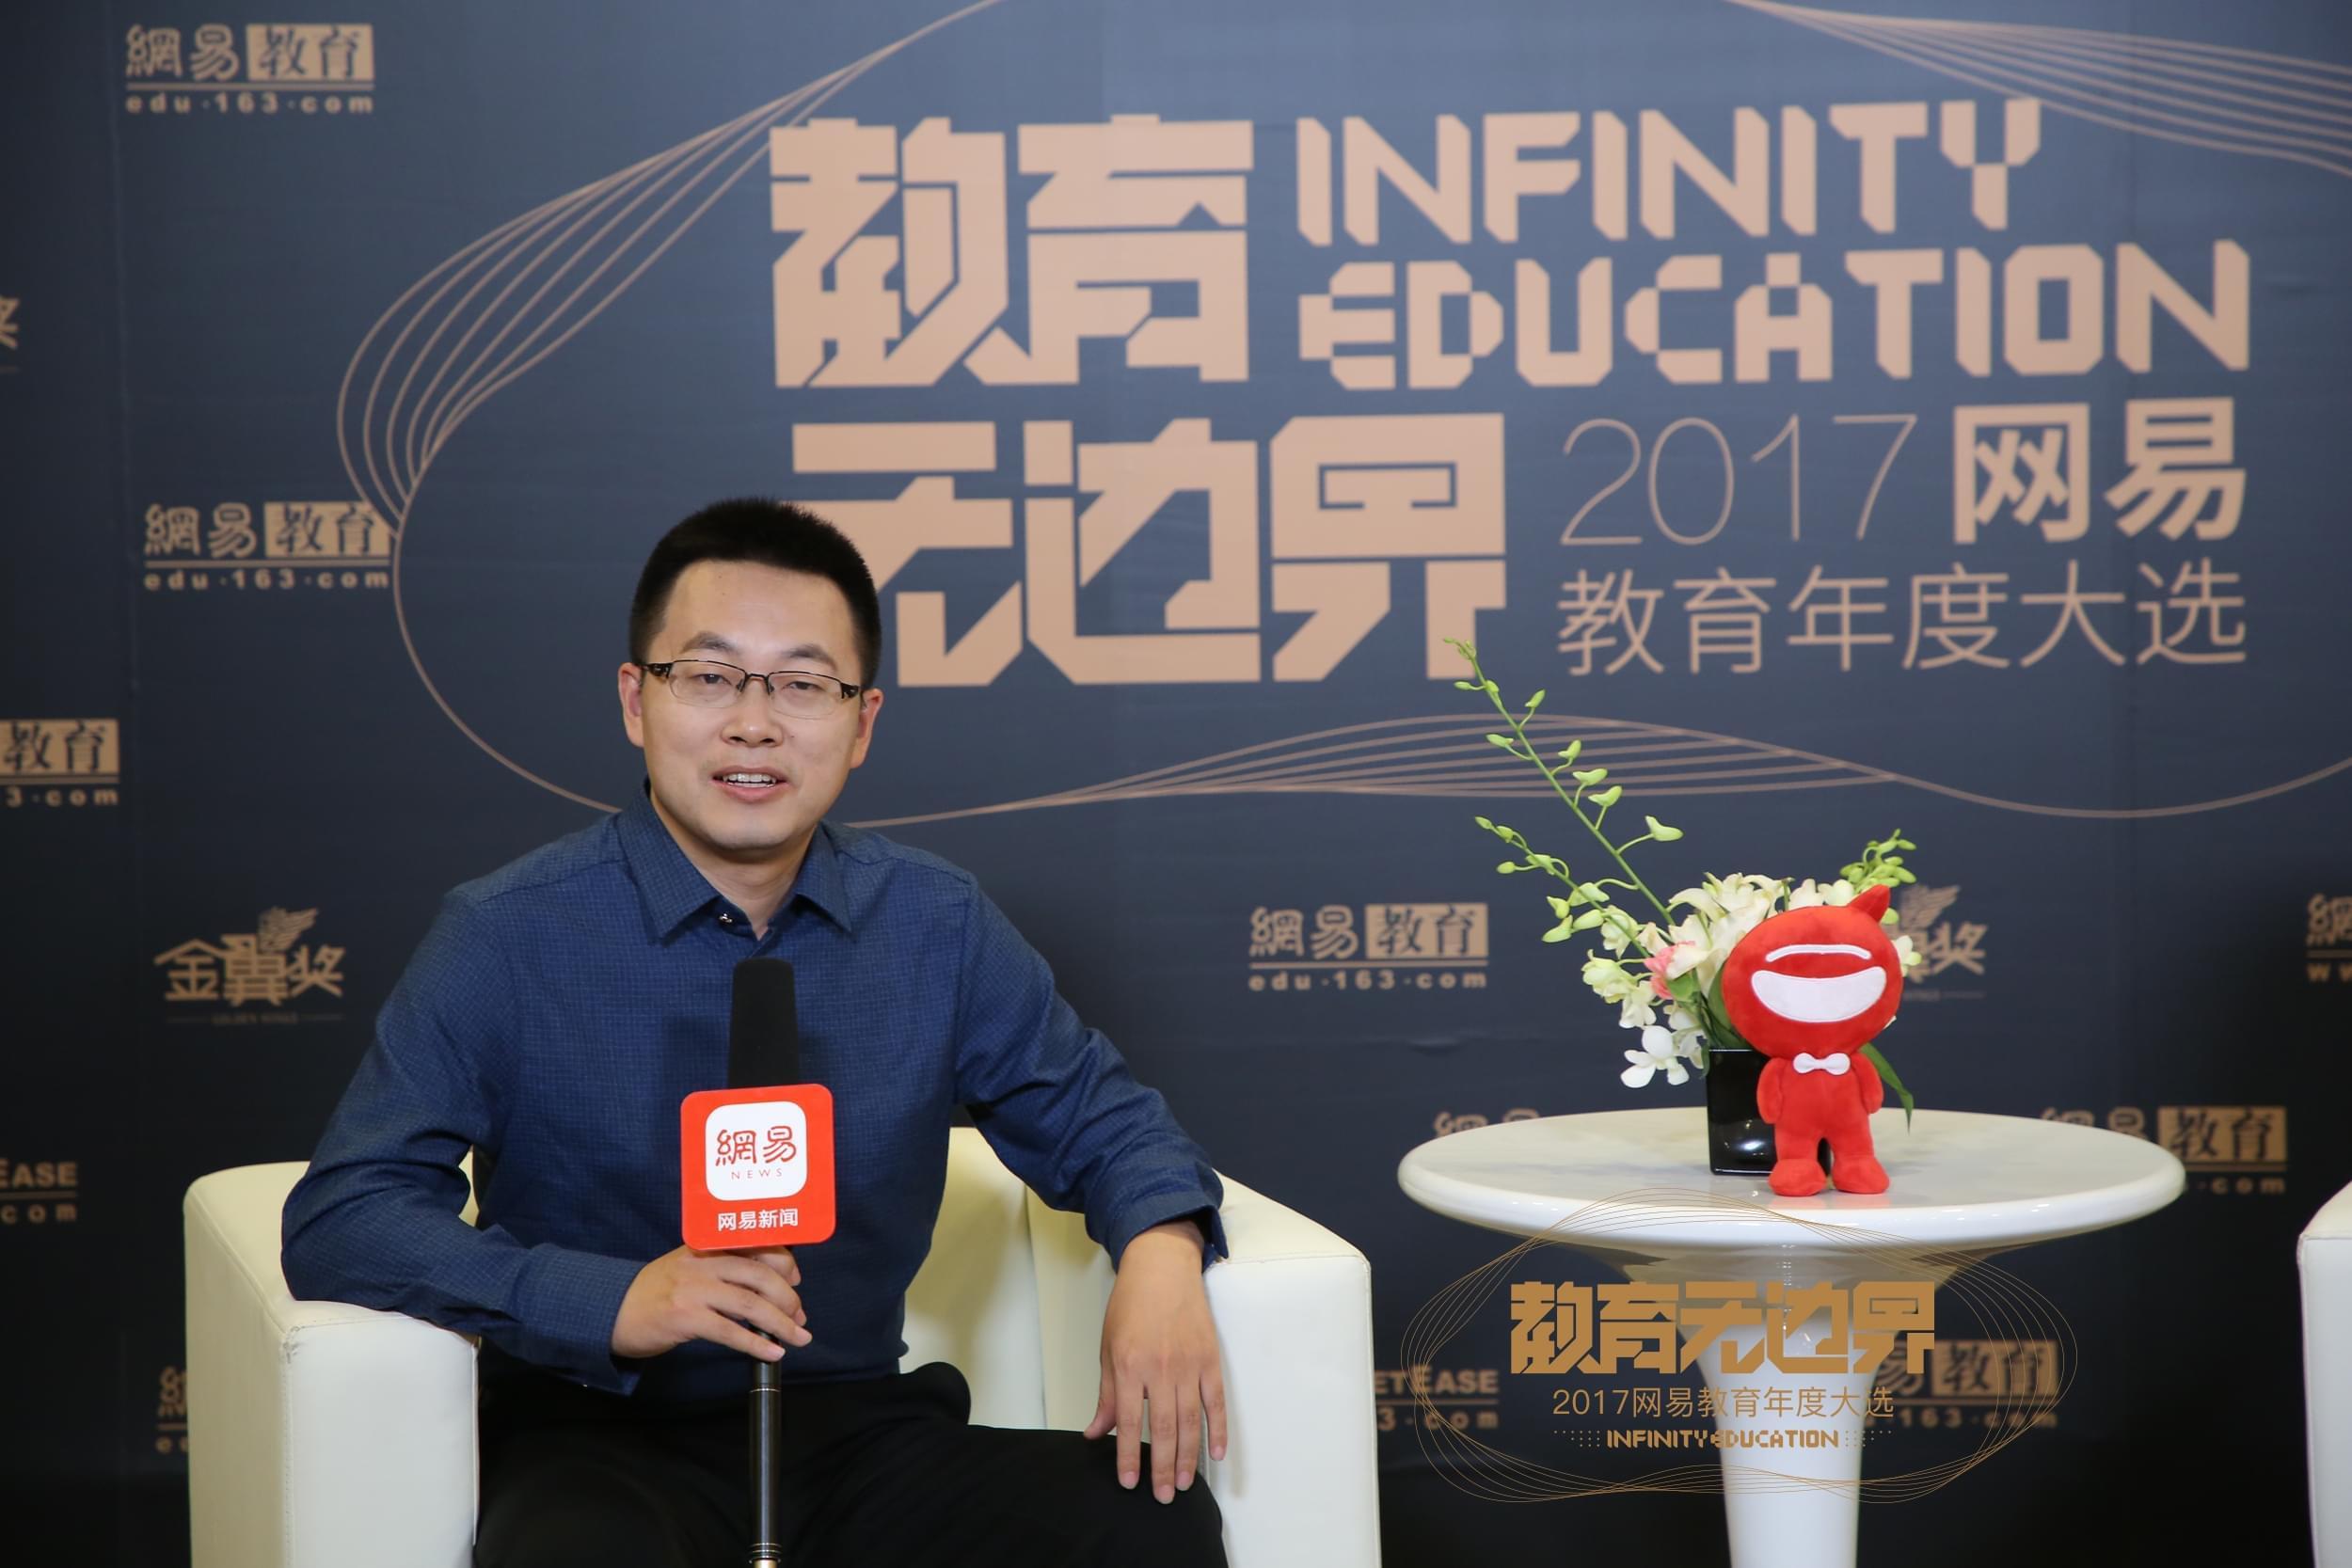 老男孩IT教育创始人 冉宏元先生